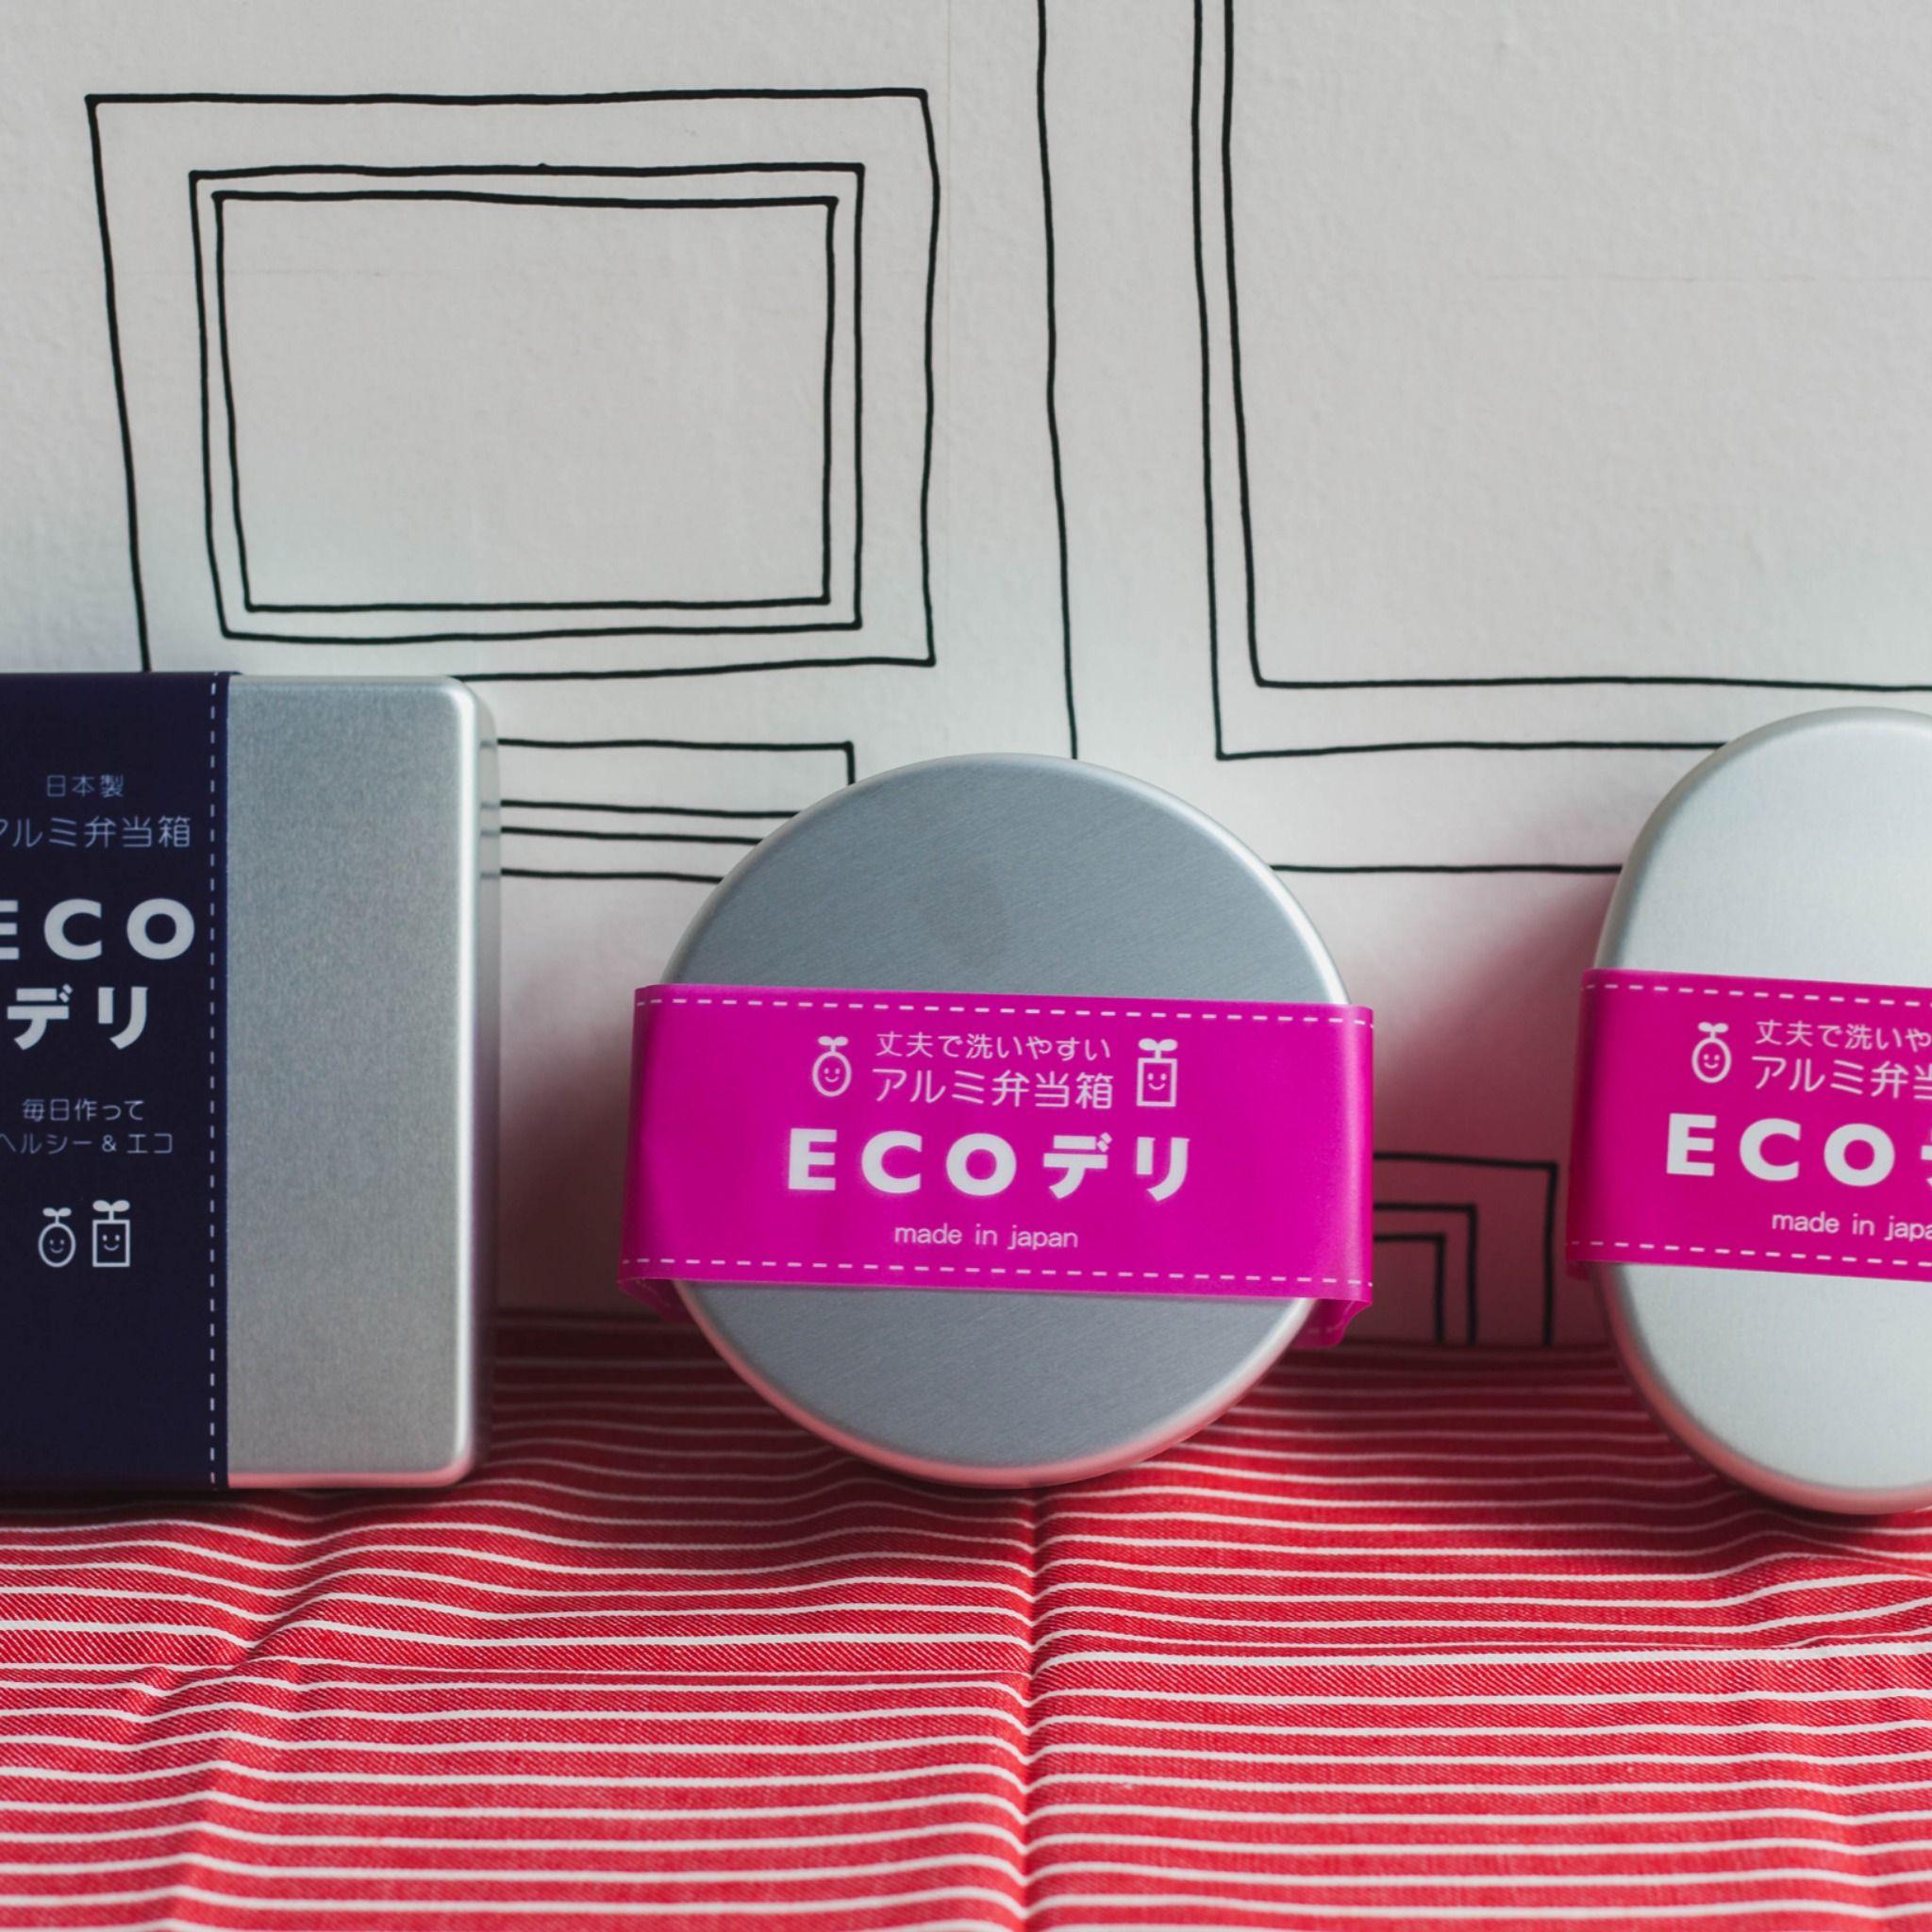 yamaco eco wood and aluminum bento boxes bento box eco plastic free